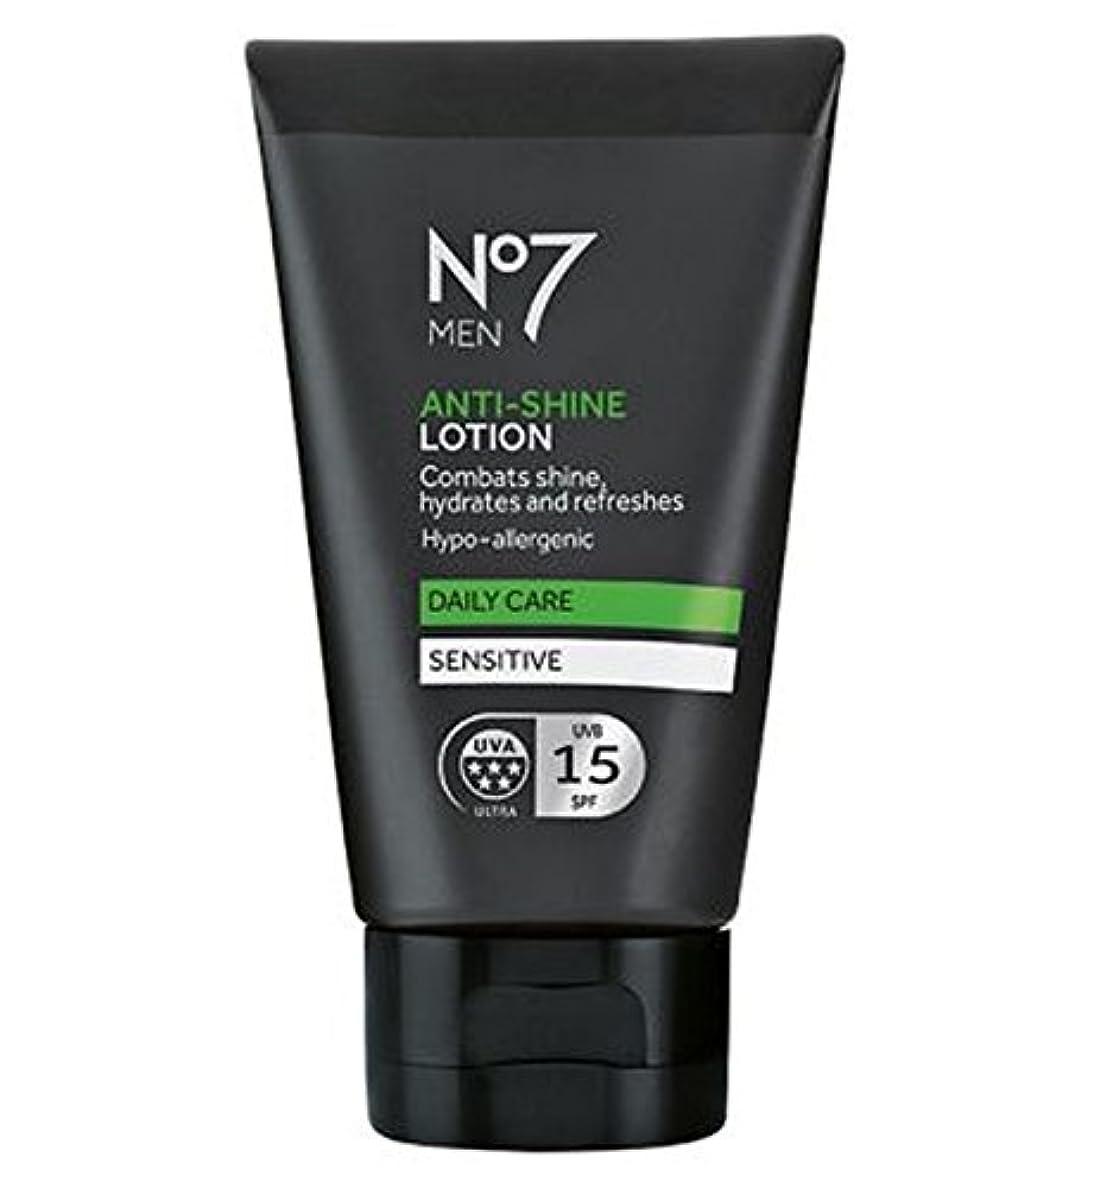 メイエラハードウェアメジャーNo7 Men Anti-Shine Lotion 50ml - No7男性抗輝きローション50ミリリットル (No7) [並行輸入品]